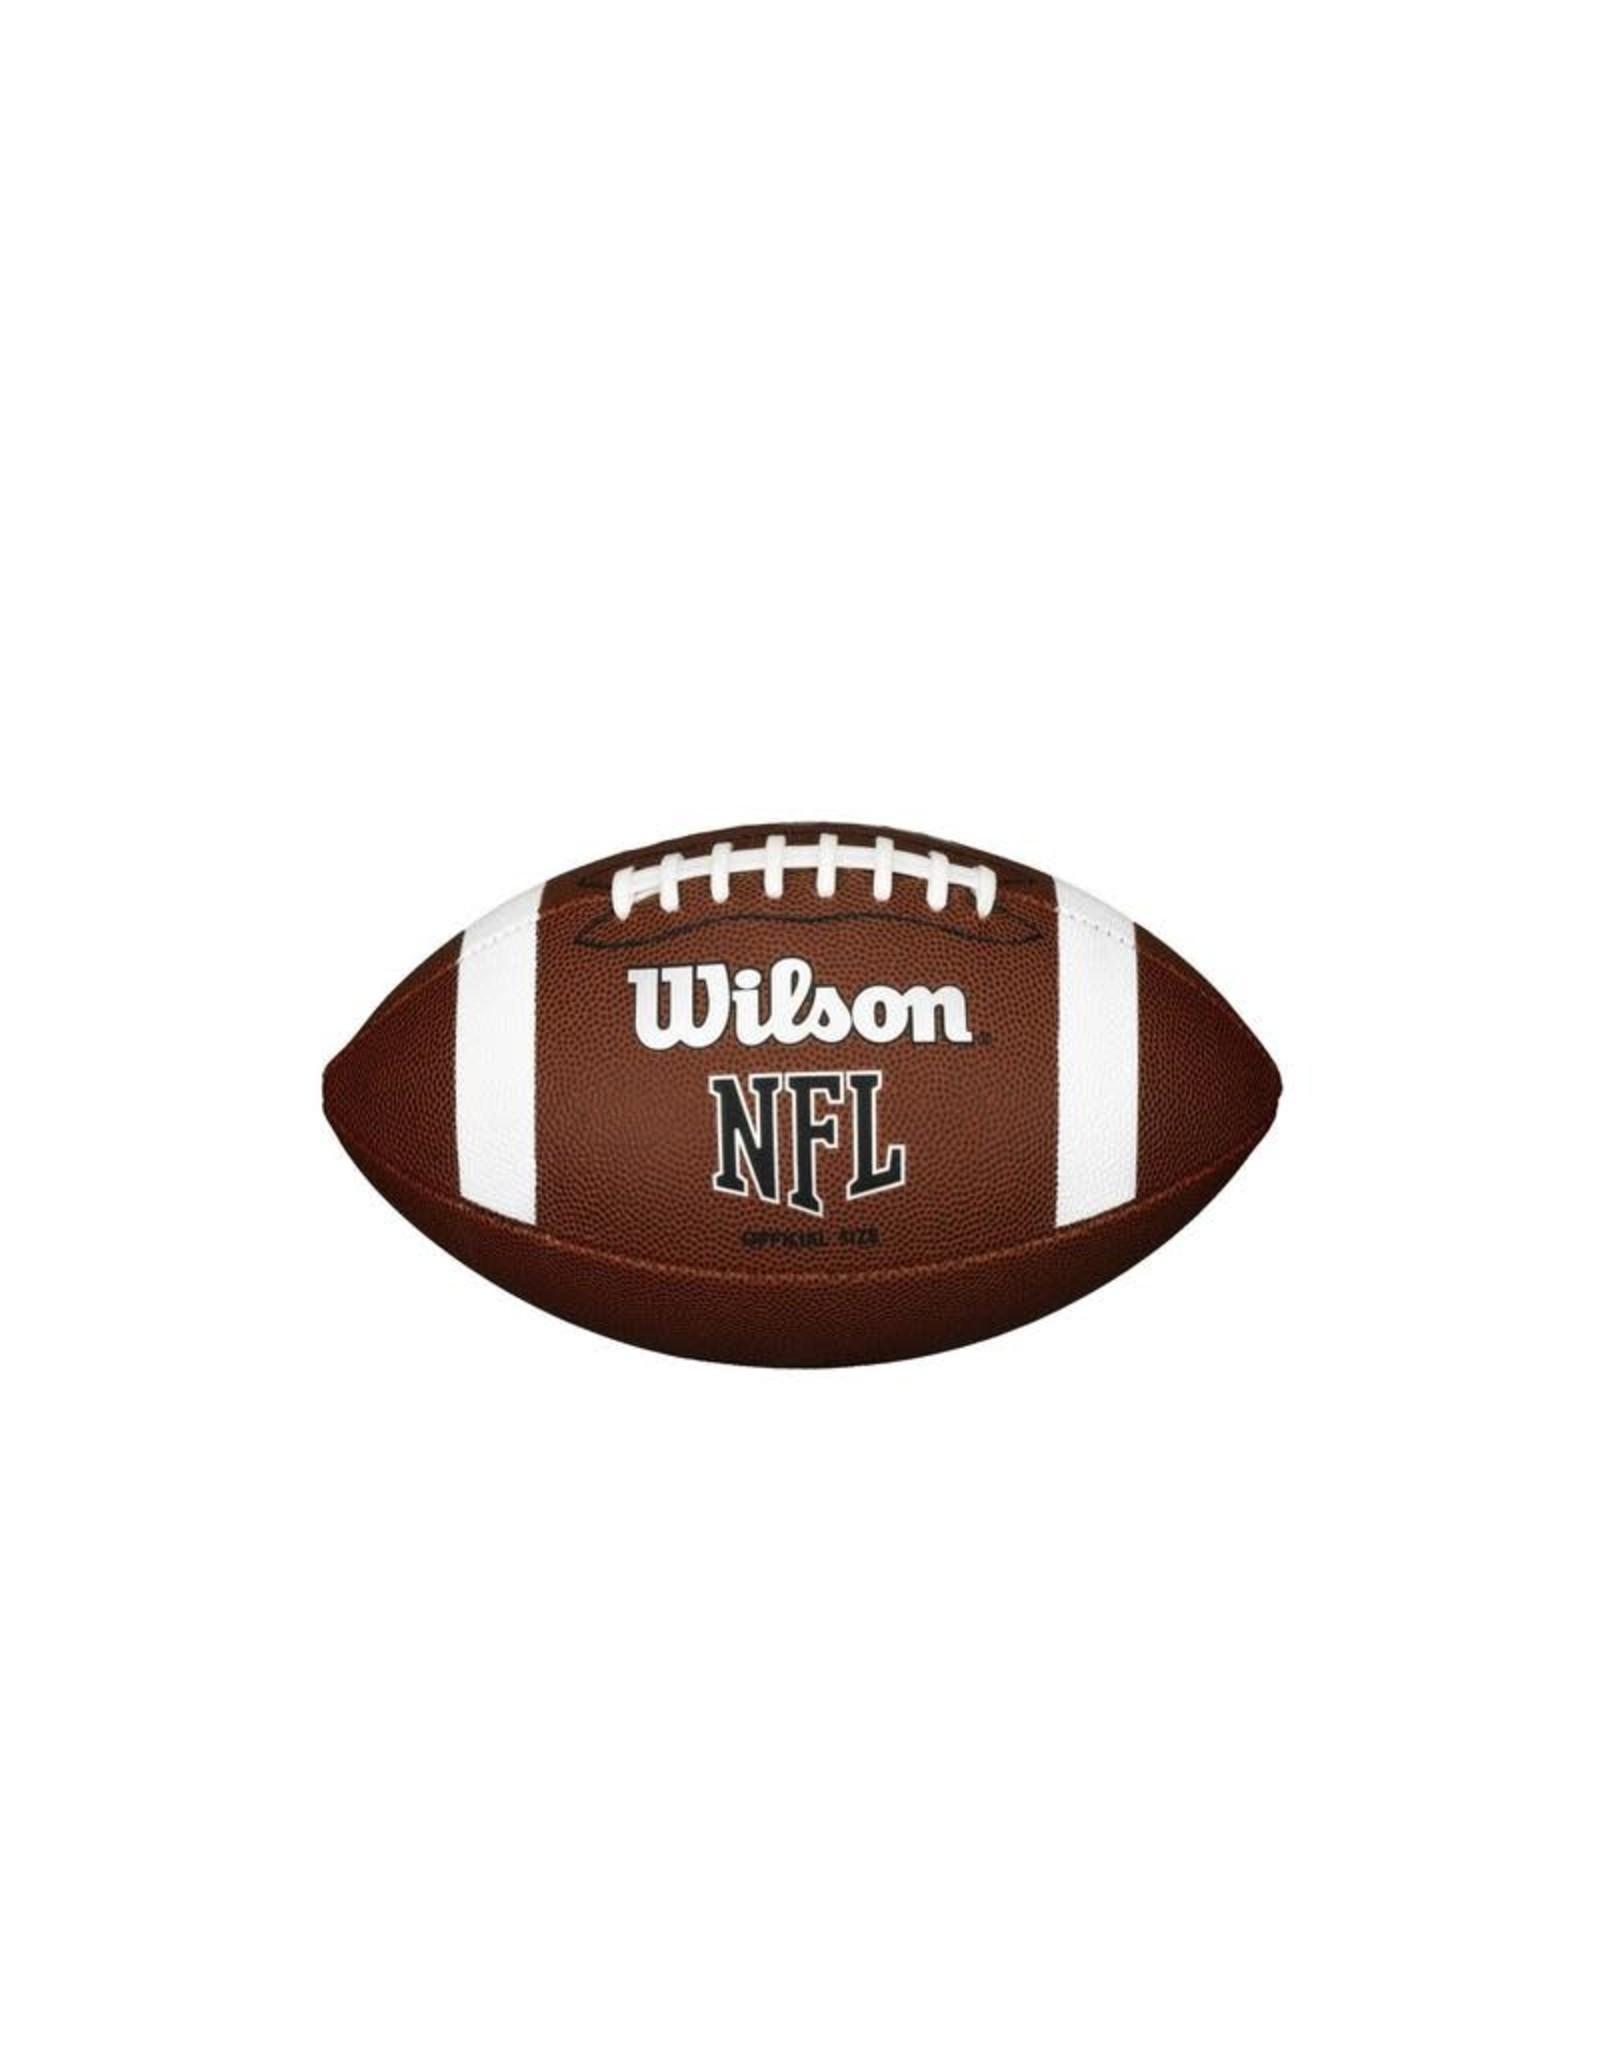 Wilson NFL OFF FBALL BULK XB